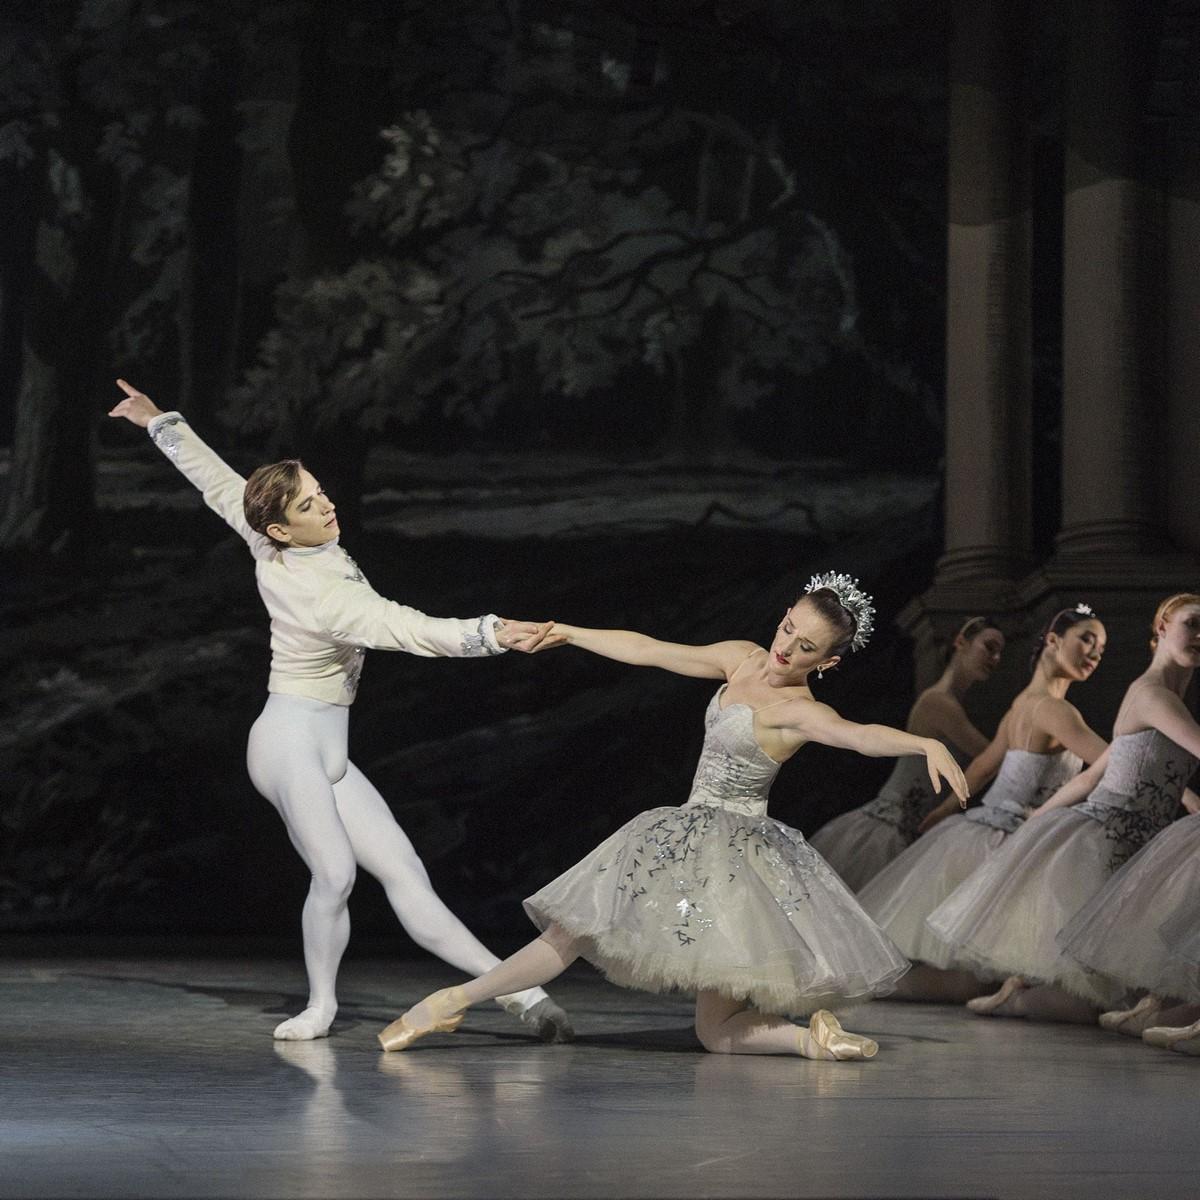 Anmeldelse: Raymonda, Det Kongelige Teater